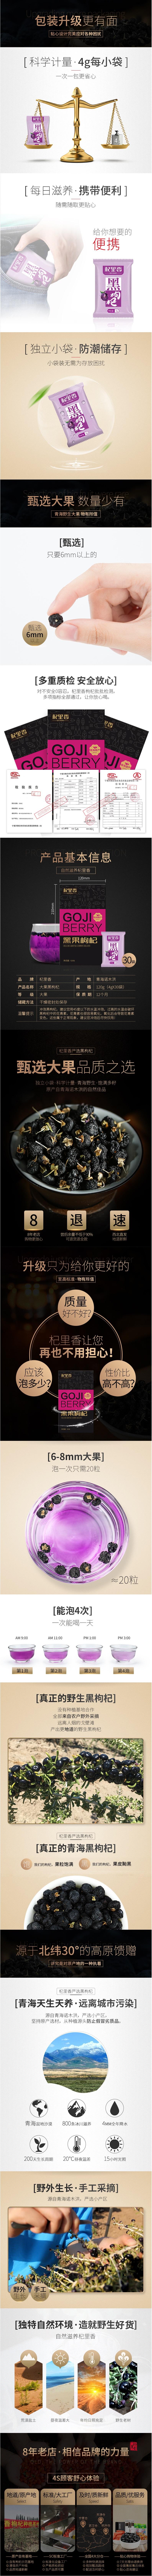 宁夏特产 杞里香青海野生黑枸杞礼盒装独立小包装120g*5